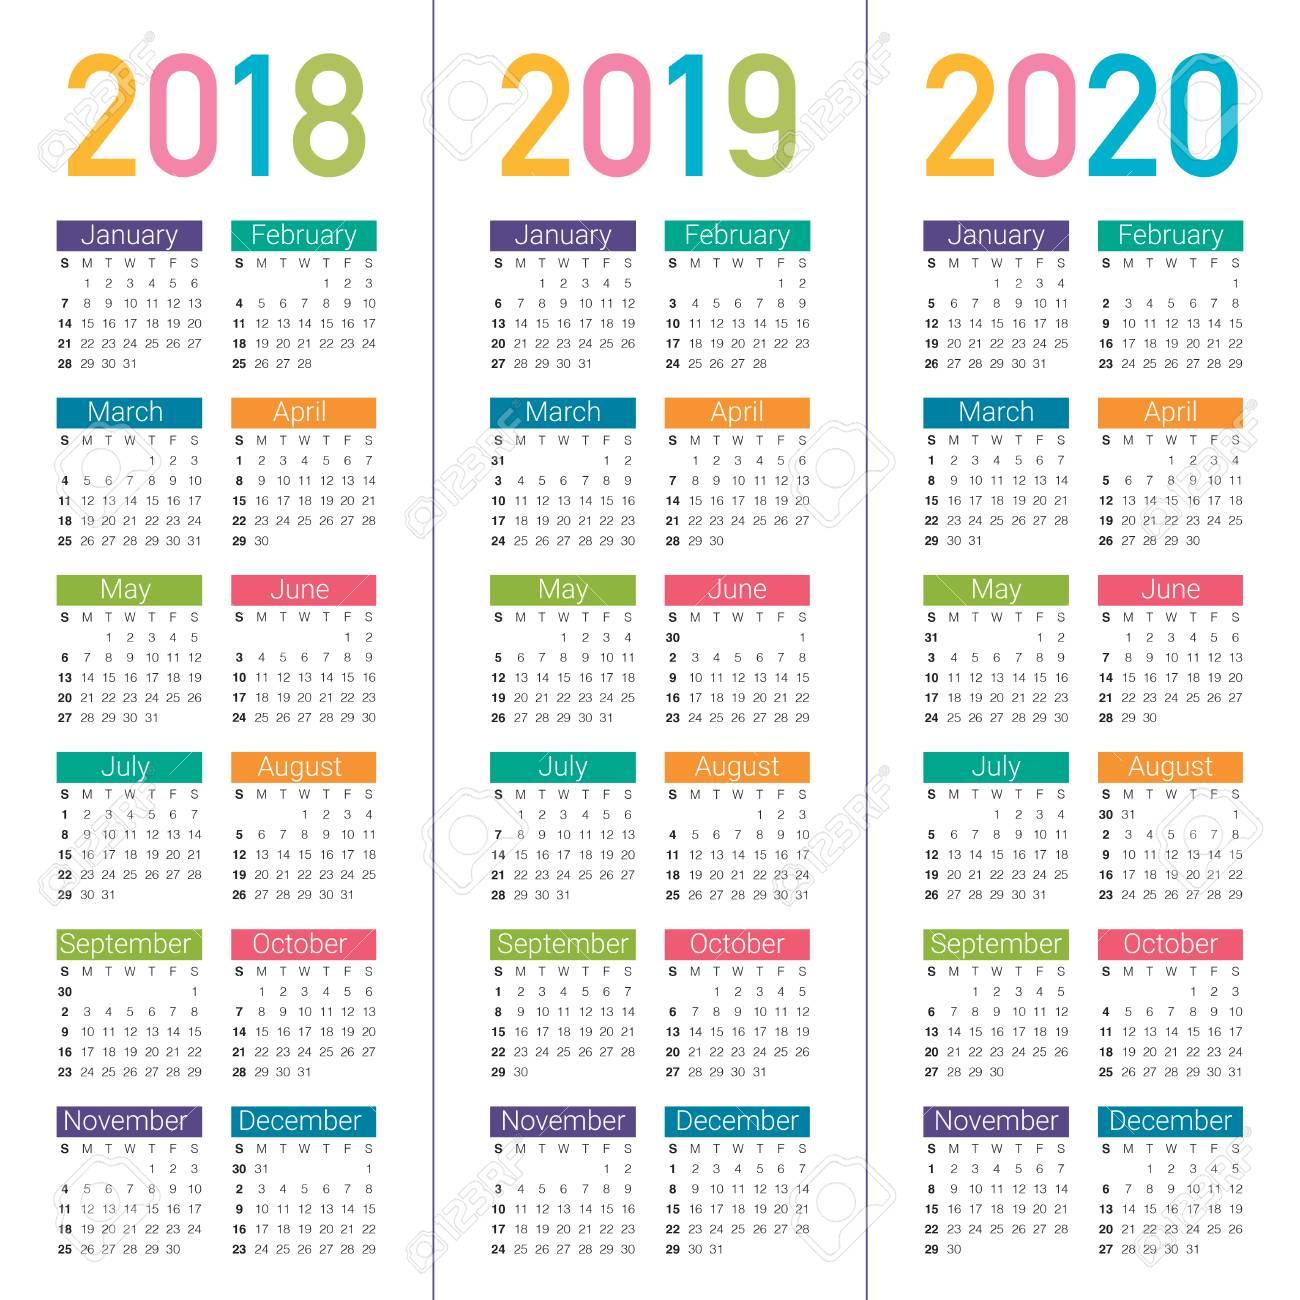 Modele De Calendrier 2020.Modele De Conception Vecteur Annee 2018 2019 Calendrier 2020 Conception Simple Et Propre